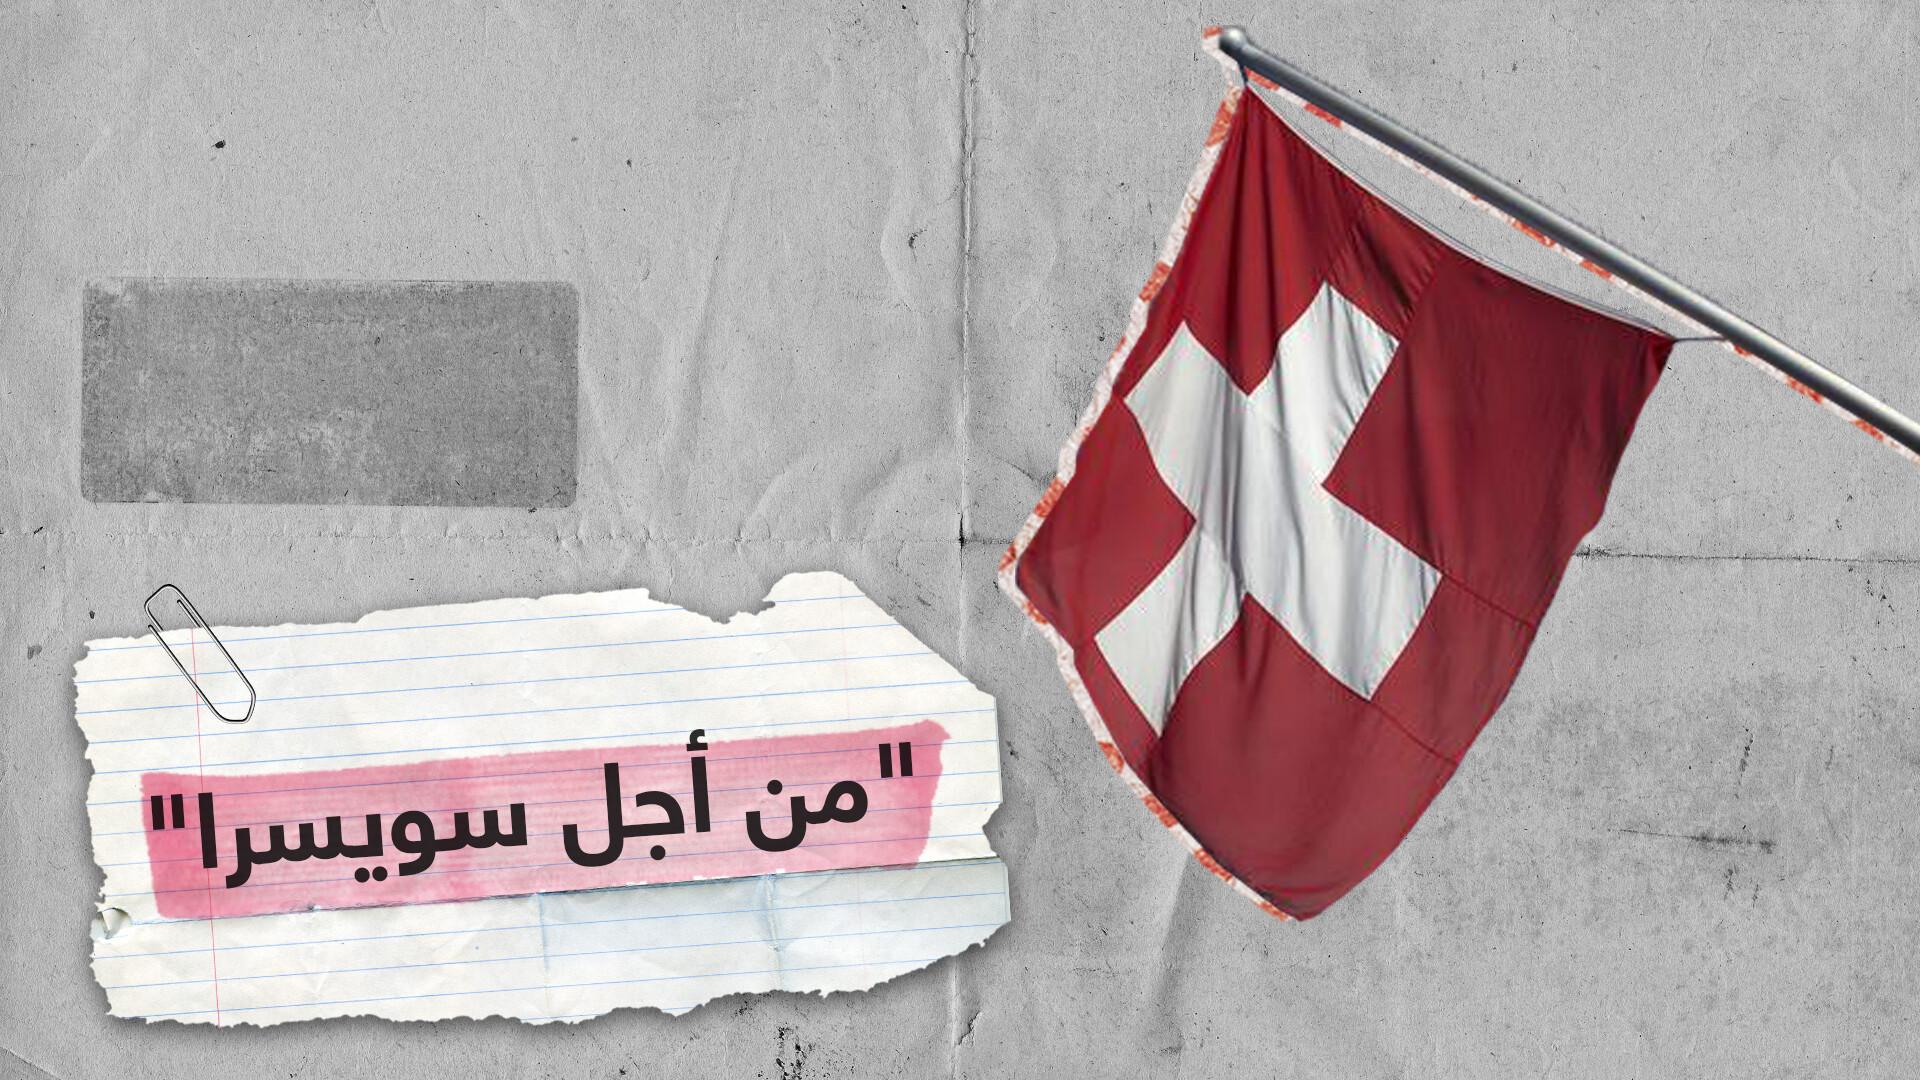 انتحلوا صفة لاعبين.. 10 سوريين يحاولون الخروج من اليونان